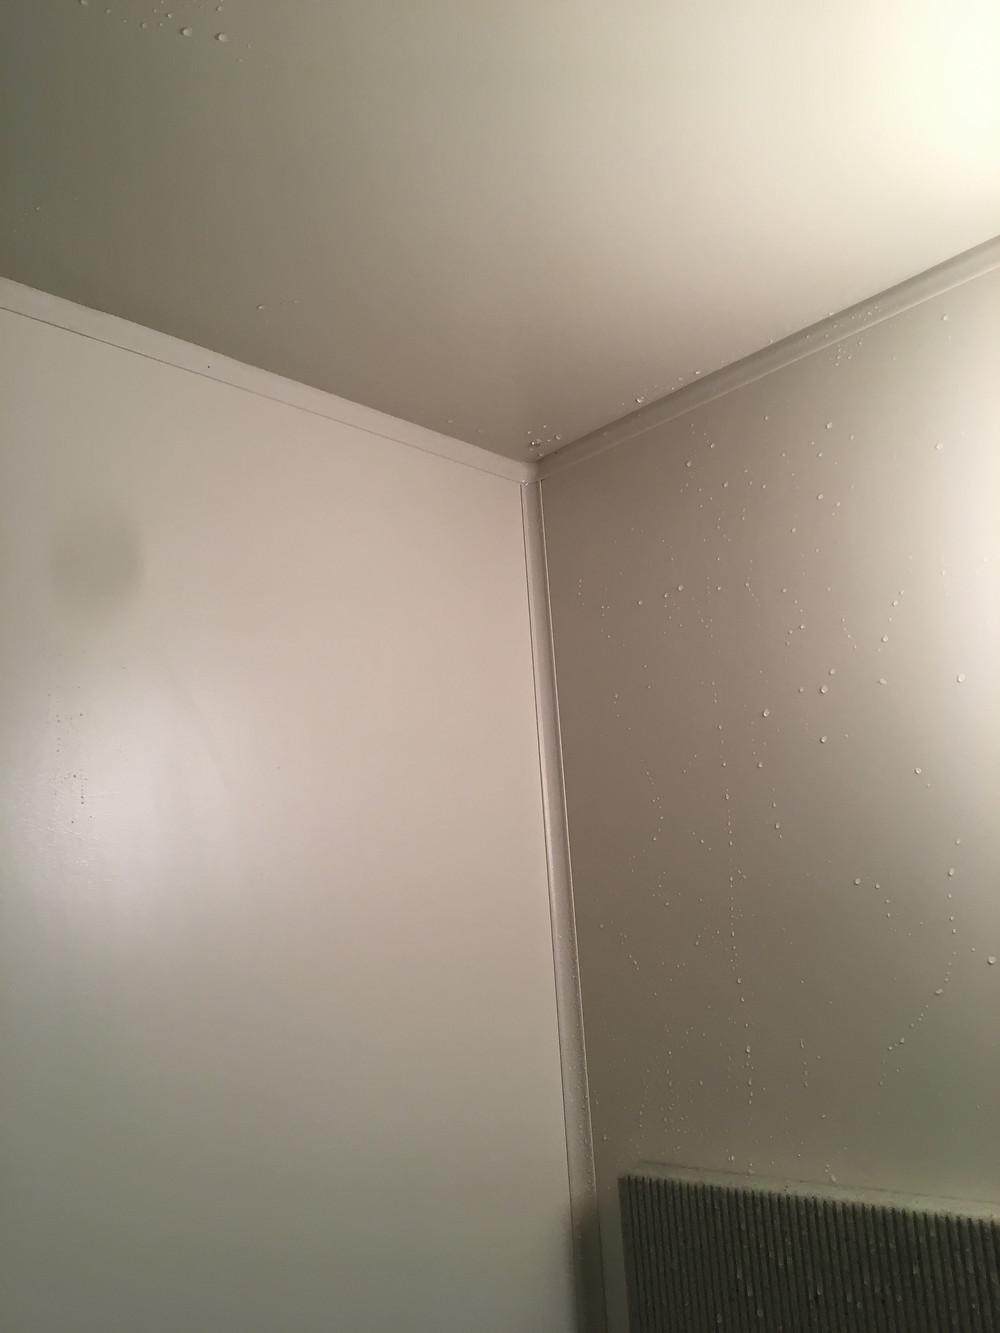 浴室天井のカビ清掃後